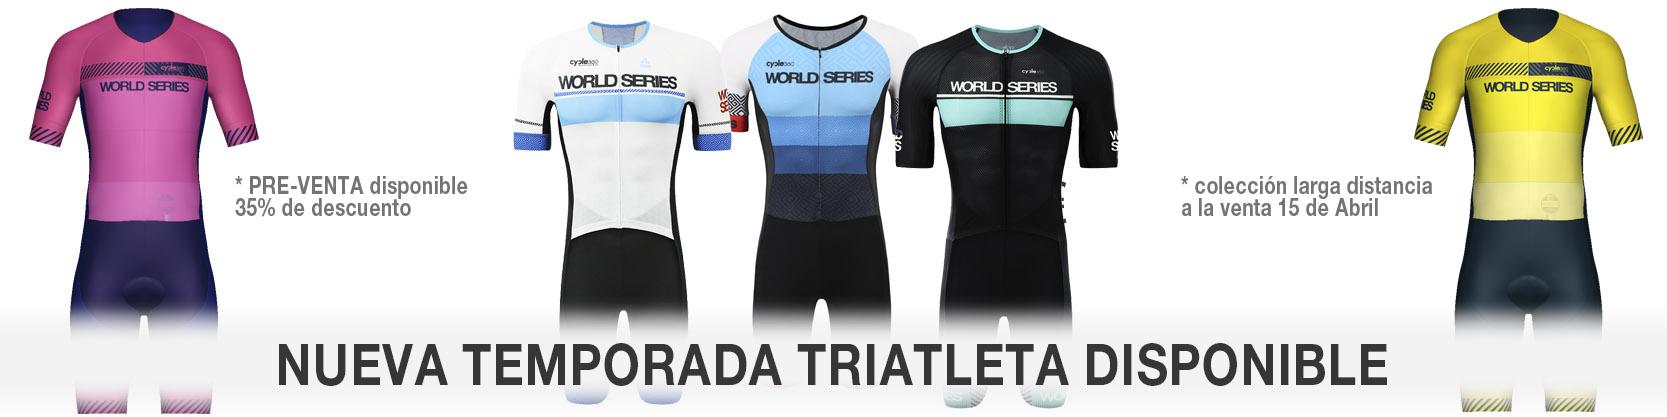 Tienda online y personalización para ciclistas, triatletas y runners